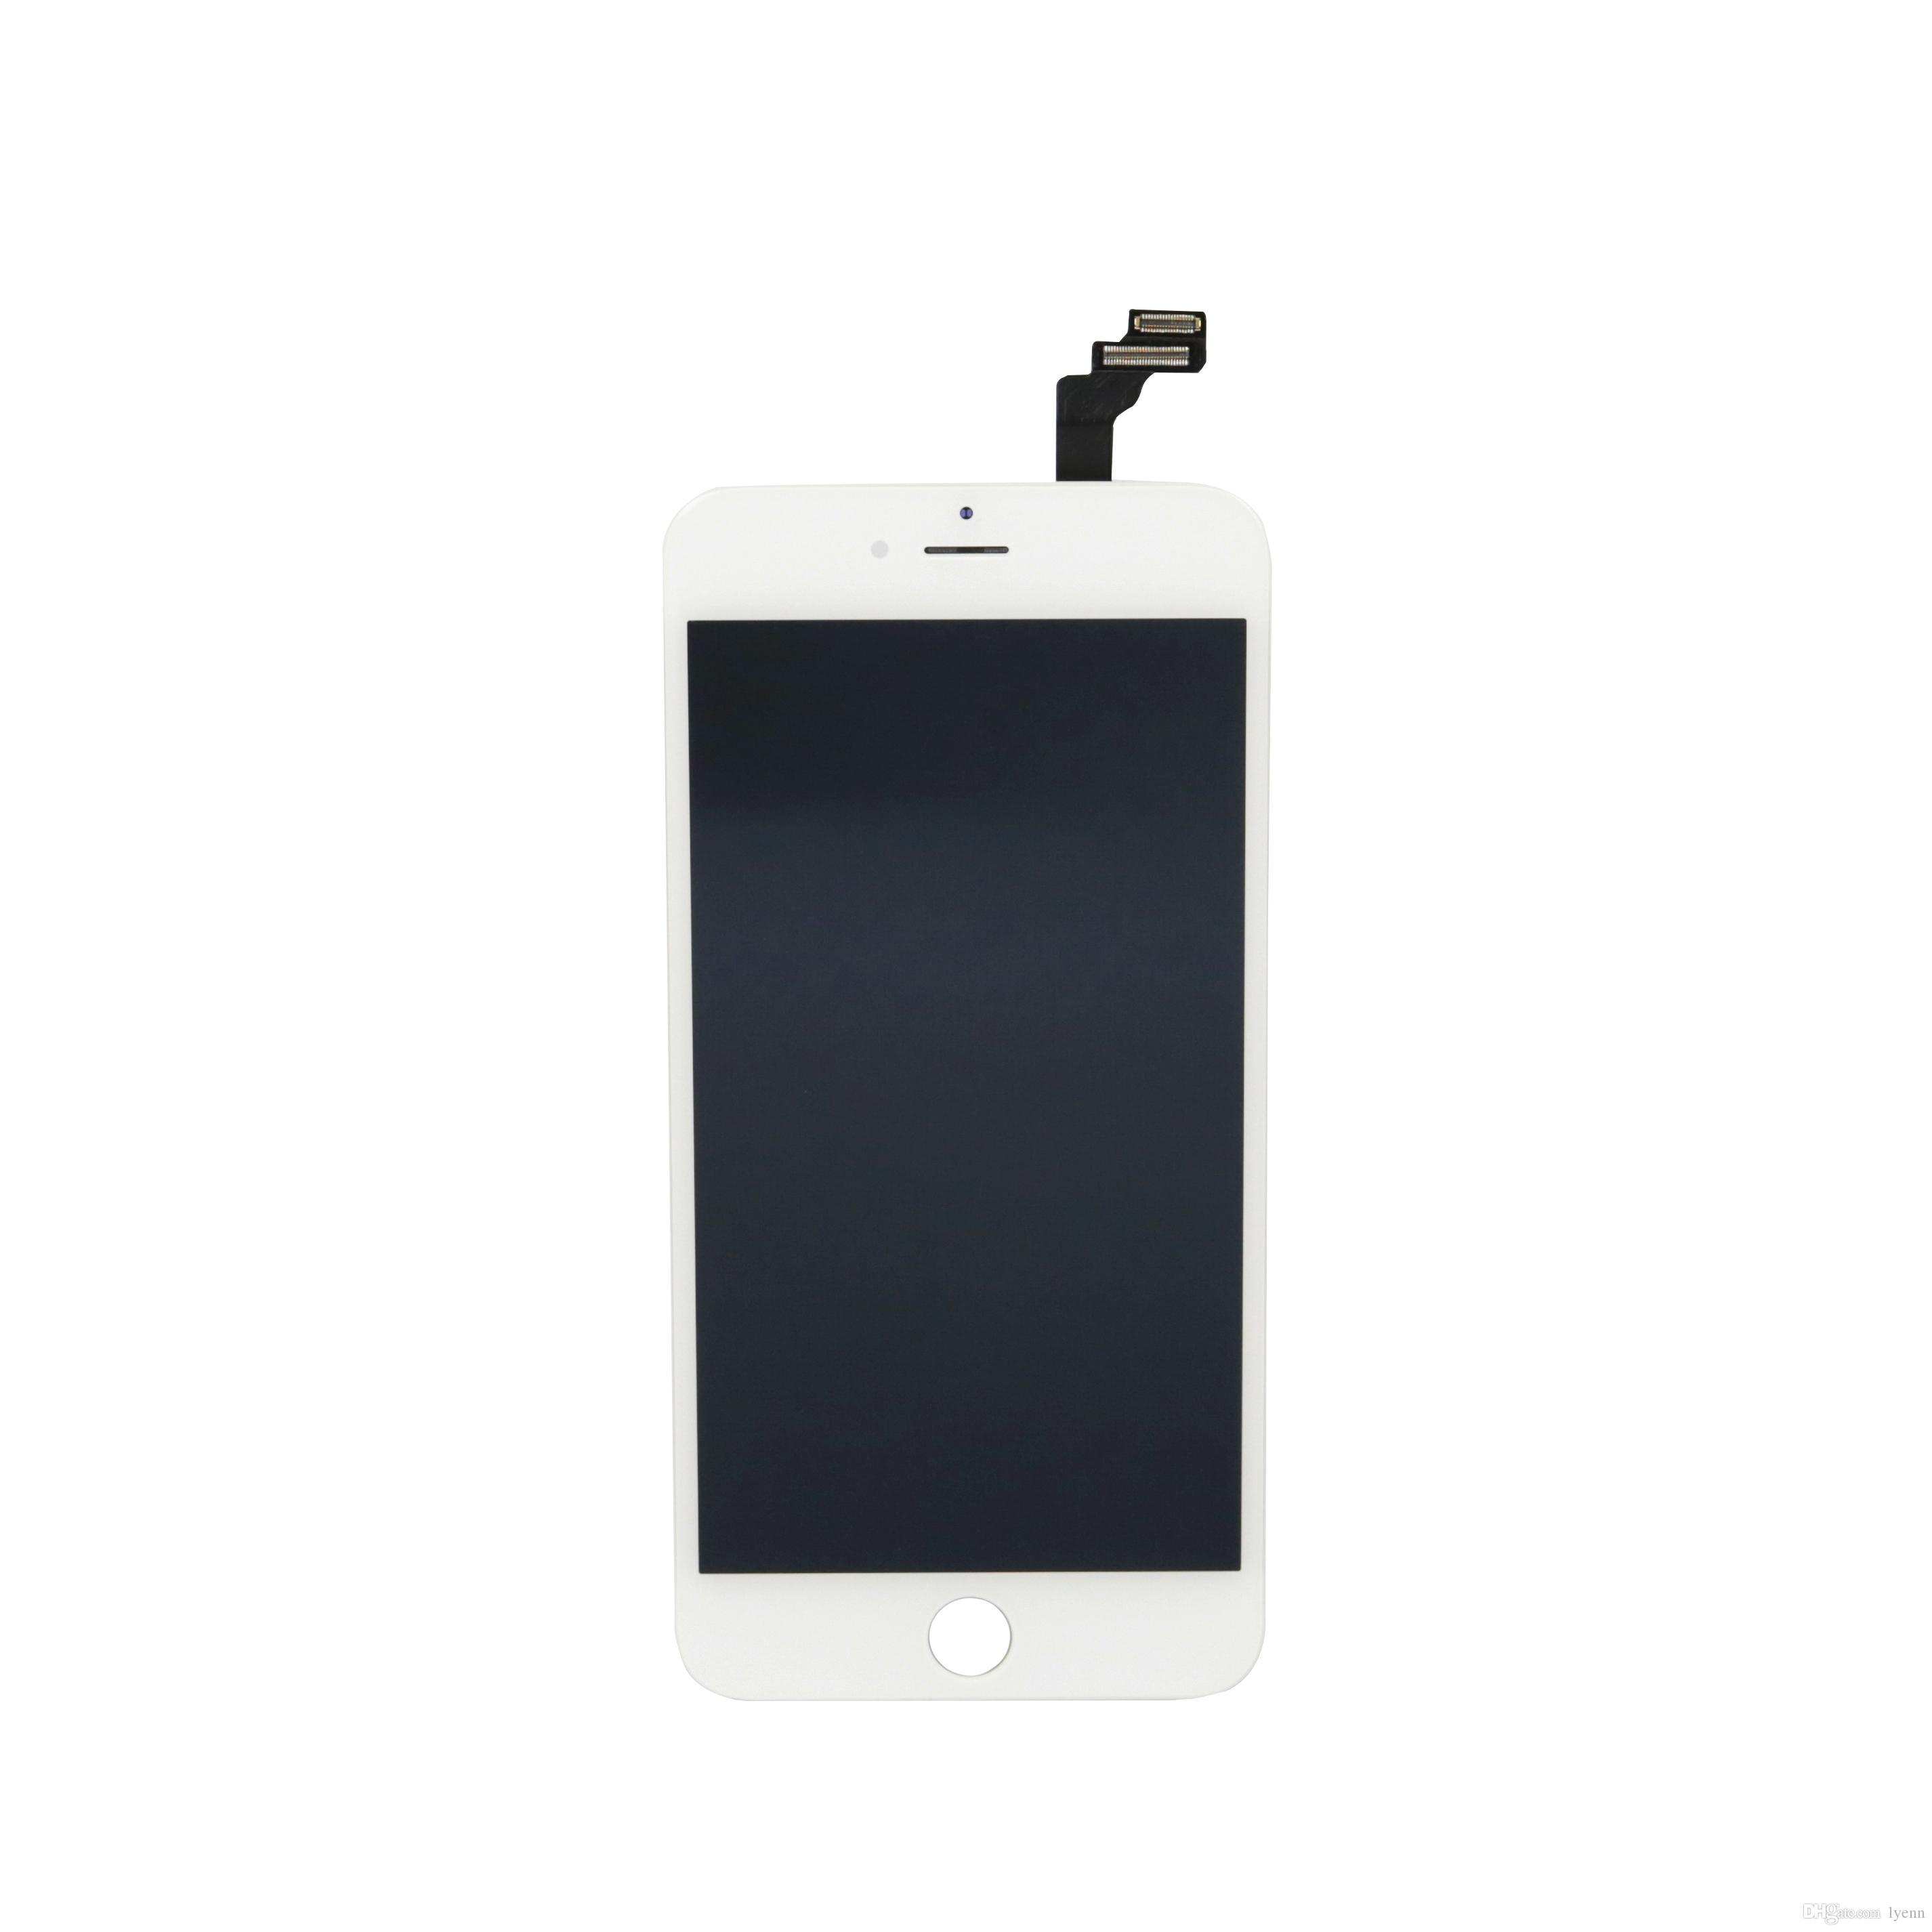 10 piezas por caja LCD para iPhone 6 Plus pantalla táctil digitalizador Asamblea Repalcement del piezas de alta calidad No hay pixeles muertos